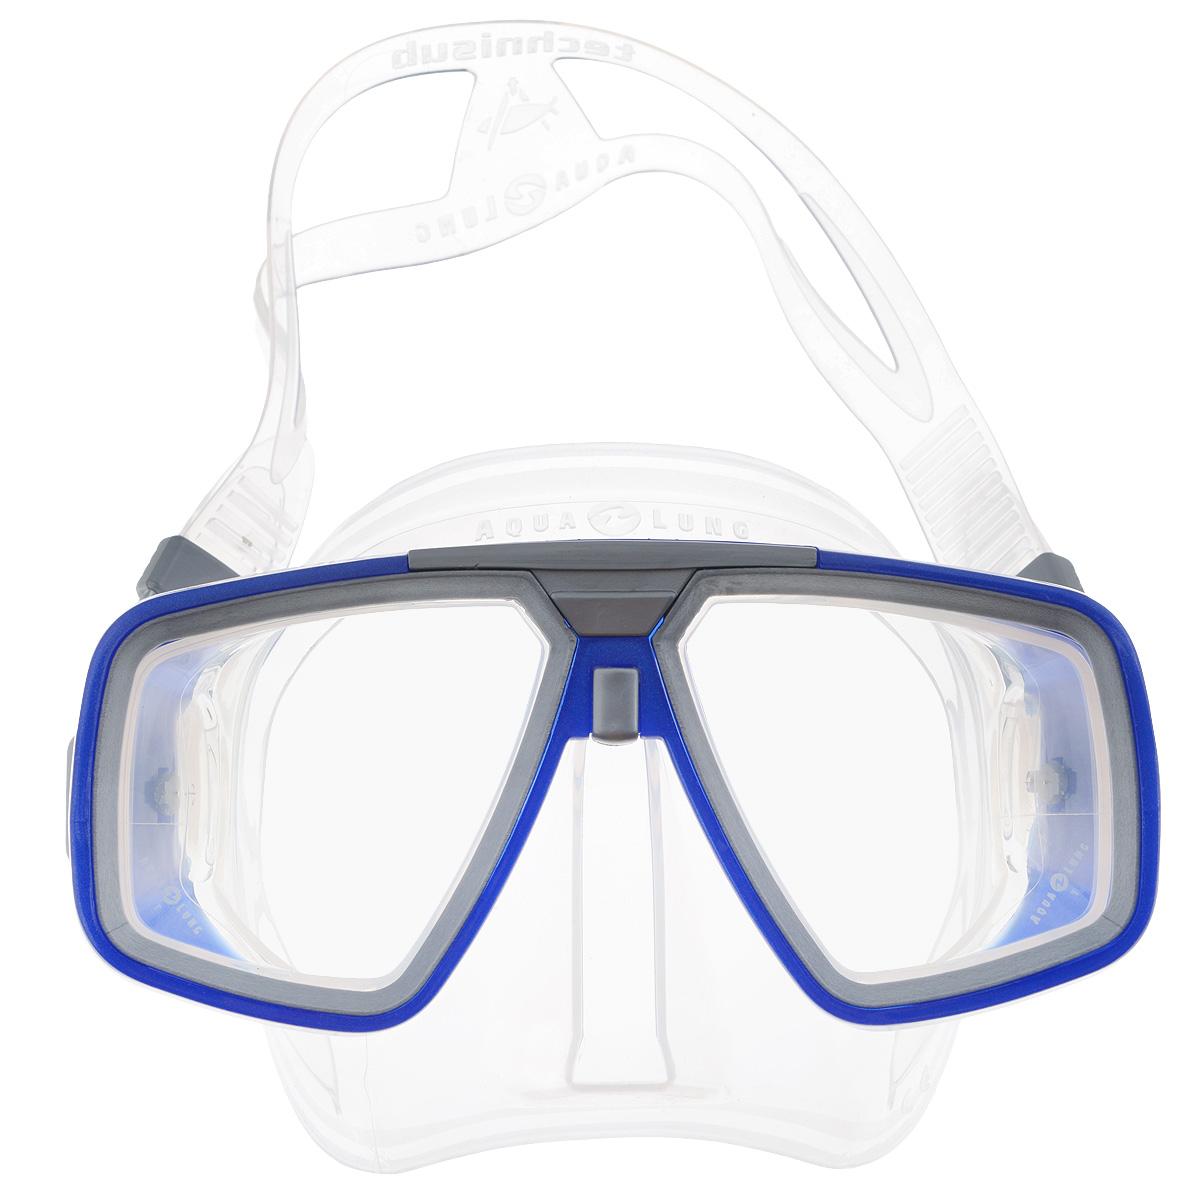 Маска для подводного плавания Aqua Lung Look, цвет: прозрачный, синийWRA523700Маска Technisub Look - лидер по объему продаж во всем мире на протяжении десяти лет благодаря использованию в ней материалов высочайшего качества. Идеально подходит к различным типам лица. Обтюратор и ремешок маски сделаны из качественного силикона, обеспечивающего мягкость и плотность прилегания в сочетании с комфортом. Силикон LSR не вызывает аллергию, а также сочетает отличную степень прозрачности с устойчивостью к воздействию ультрафиолетовых лучей в отличии резины. Корпус маски сделан из высокопрочного поликарбоната. Особенности модели: двухлинзовая маска;приближенные к лицу линзы обеспечивают максимальный угол обзора;быстрая и легкая регулировка натяжения ремешка;поворотные пряжки ремешка для большего комфорта;возможна установка положительных или отрицательных диоптрических линз. Линзы маски традиционно выполнены из каленого стекла, что обеспечивает безопасность.Простые линзы можно заменить на линзы с диоптриями:бисимметричные от -1,0 до -10,0 с шагом 0,5.бифокальные от +1,5 до +3,0 с шагом 0,5.